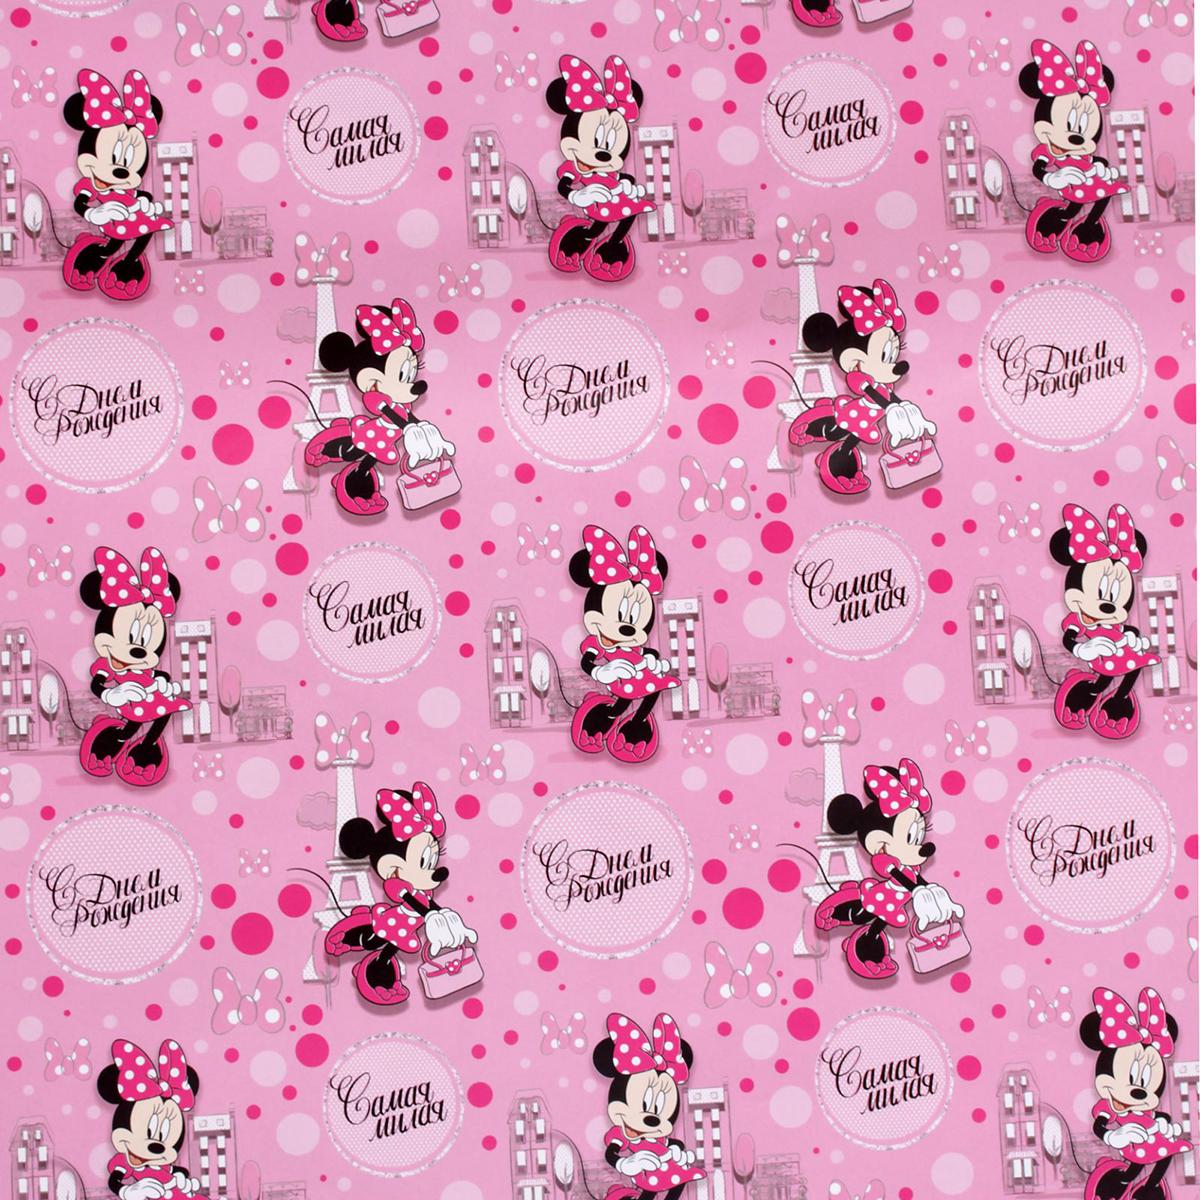 Бумага упаковочная Disney С Днем Рождения! Самая милая! Минни Маус, глянцевая, 70 х 100 см. 2390649 disney гирлянда детская на ленте тачки с днем рождения